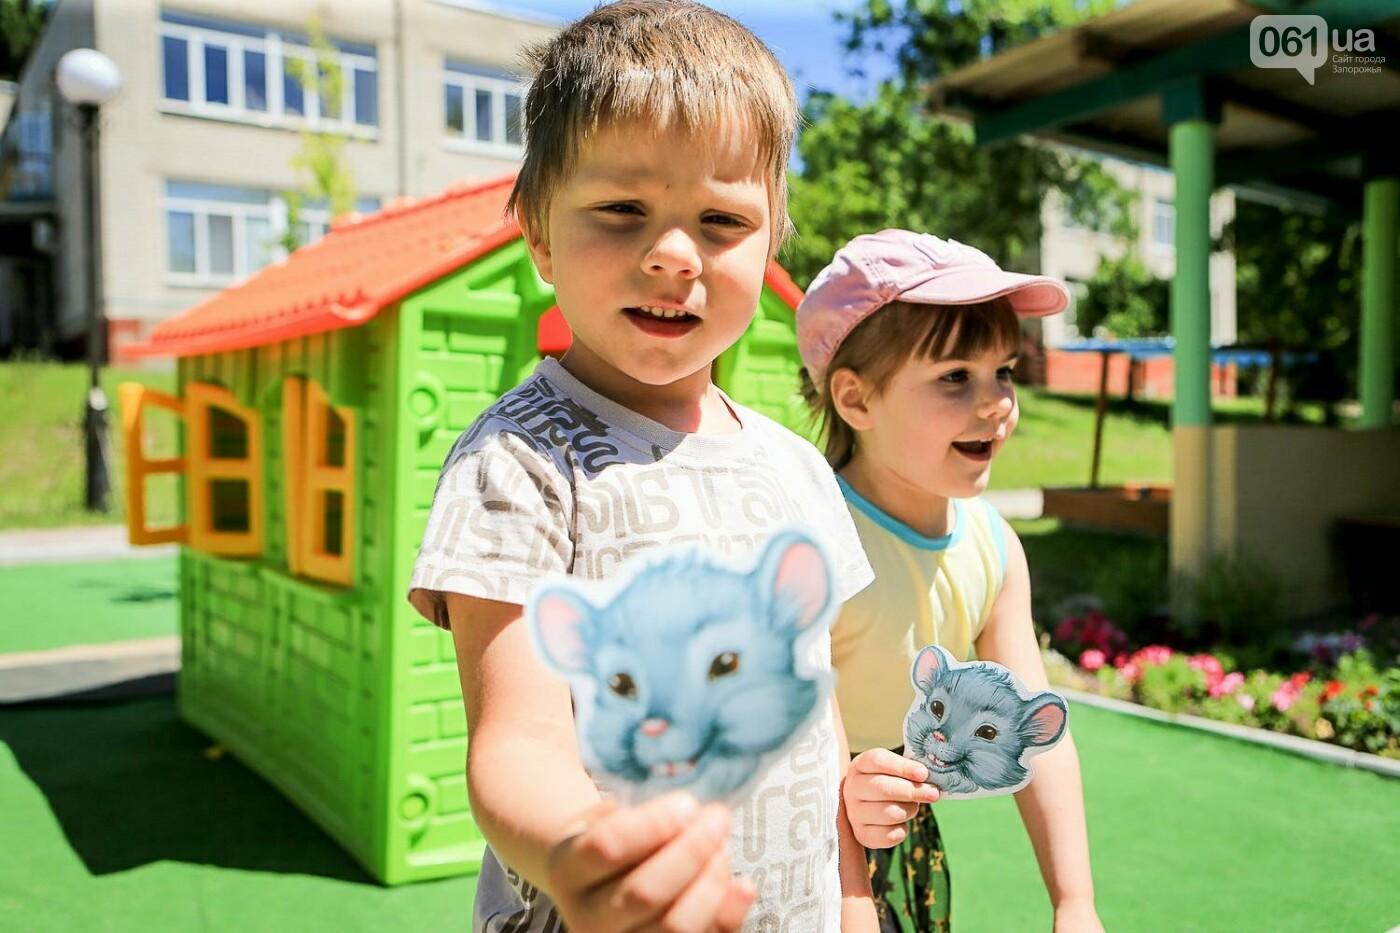 """О чем мечтают дети - фоторепортаж из дома ребенка """"Солнышко"""", фото-8"""